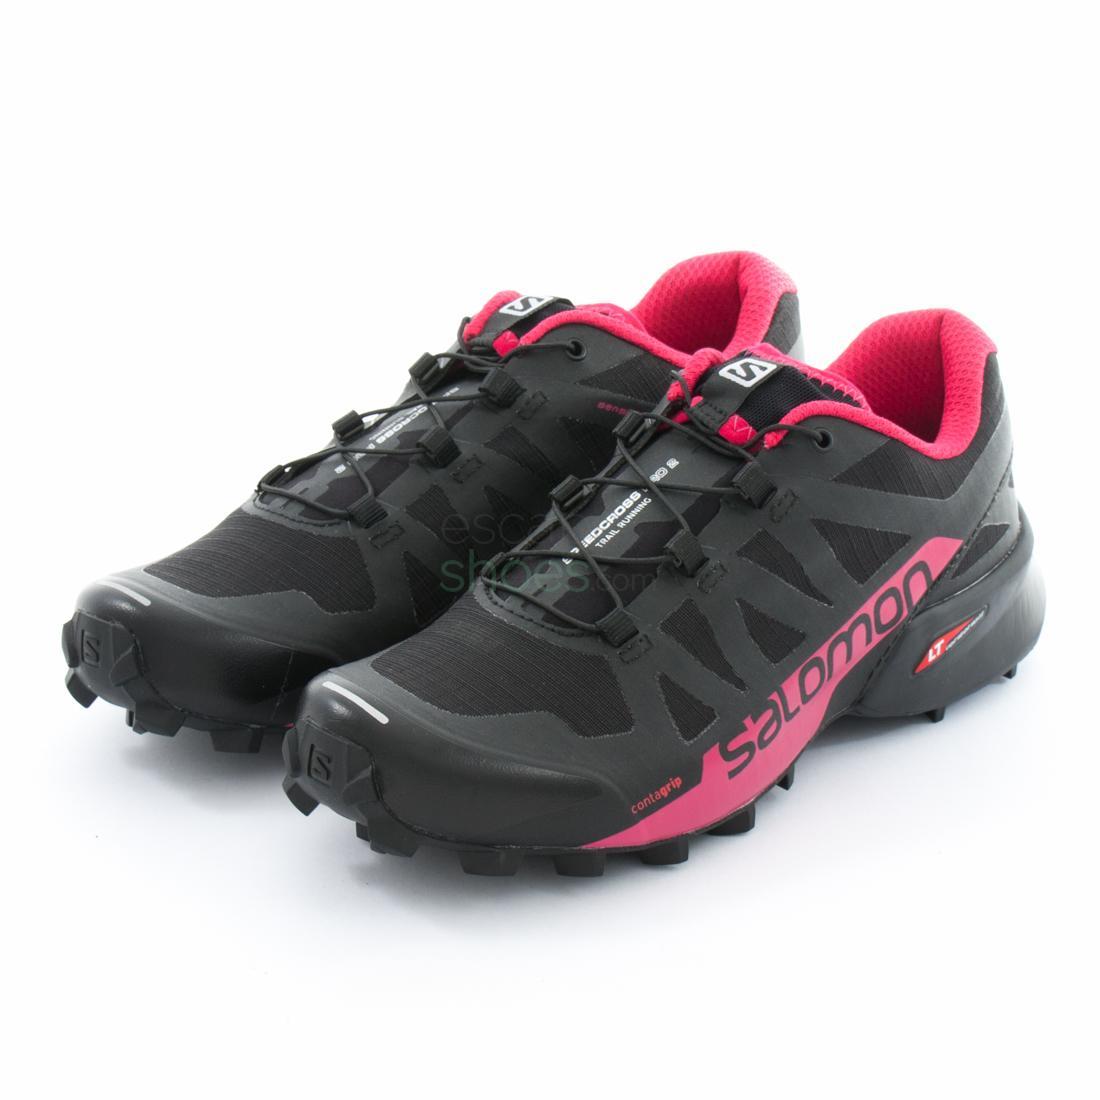 grossiste 1b827 6e258 Sneakers SALOMON Speedcross Pro 2 Black Virtual Pink 398427